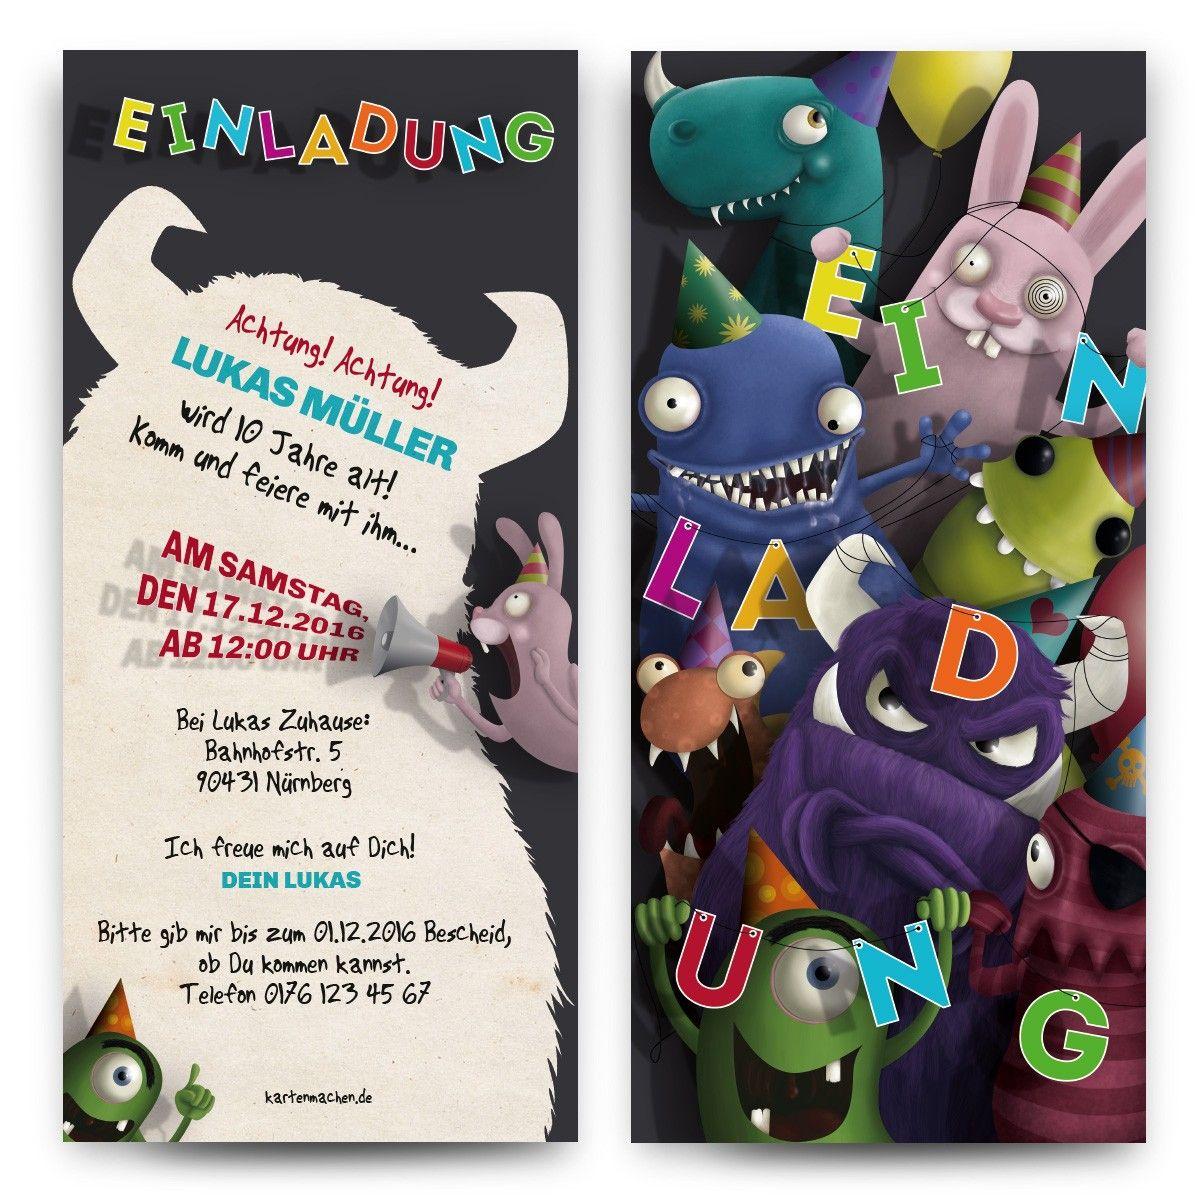 Einladung Zum Geburtstag Für Kinder   Monster Party